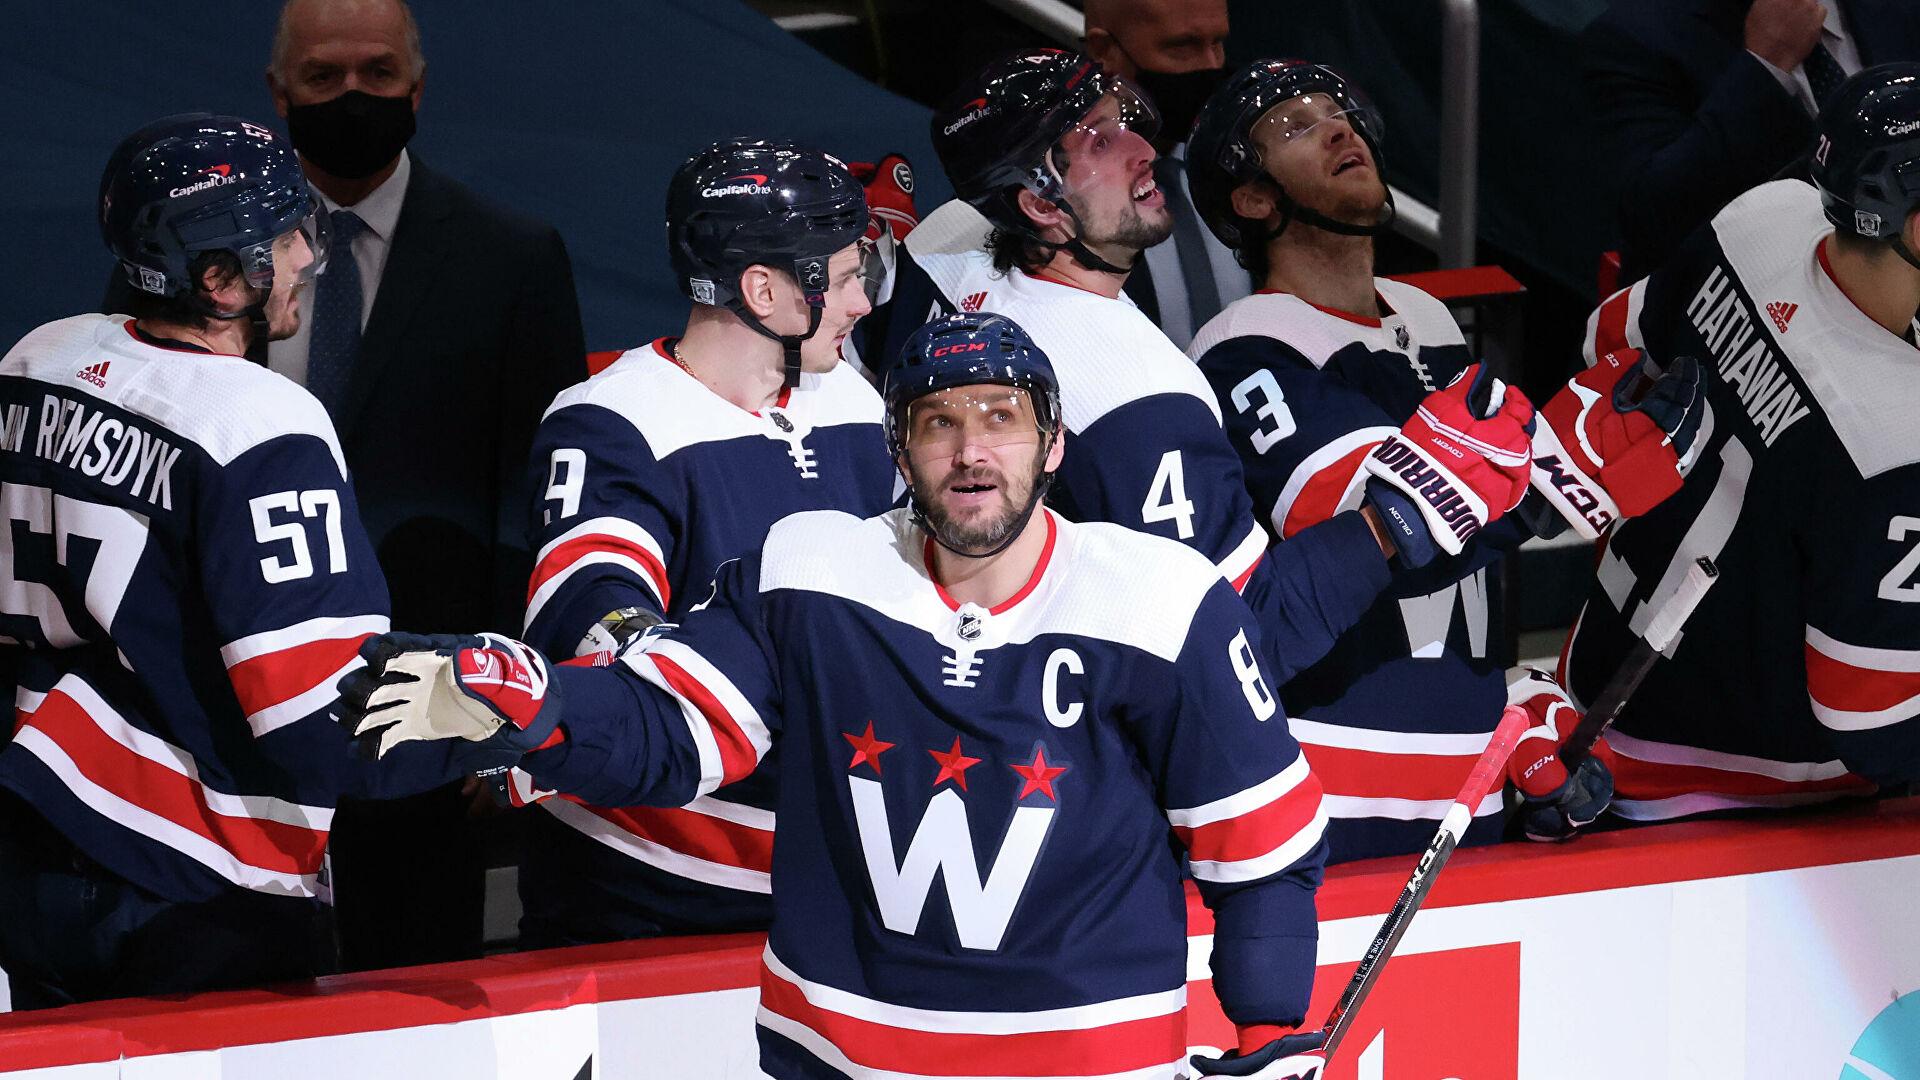 Панарин во второй раз в сезоне уделал Овечкина. «Вашингтон» перестает быть российской командой - фото